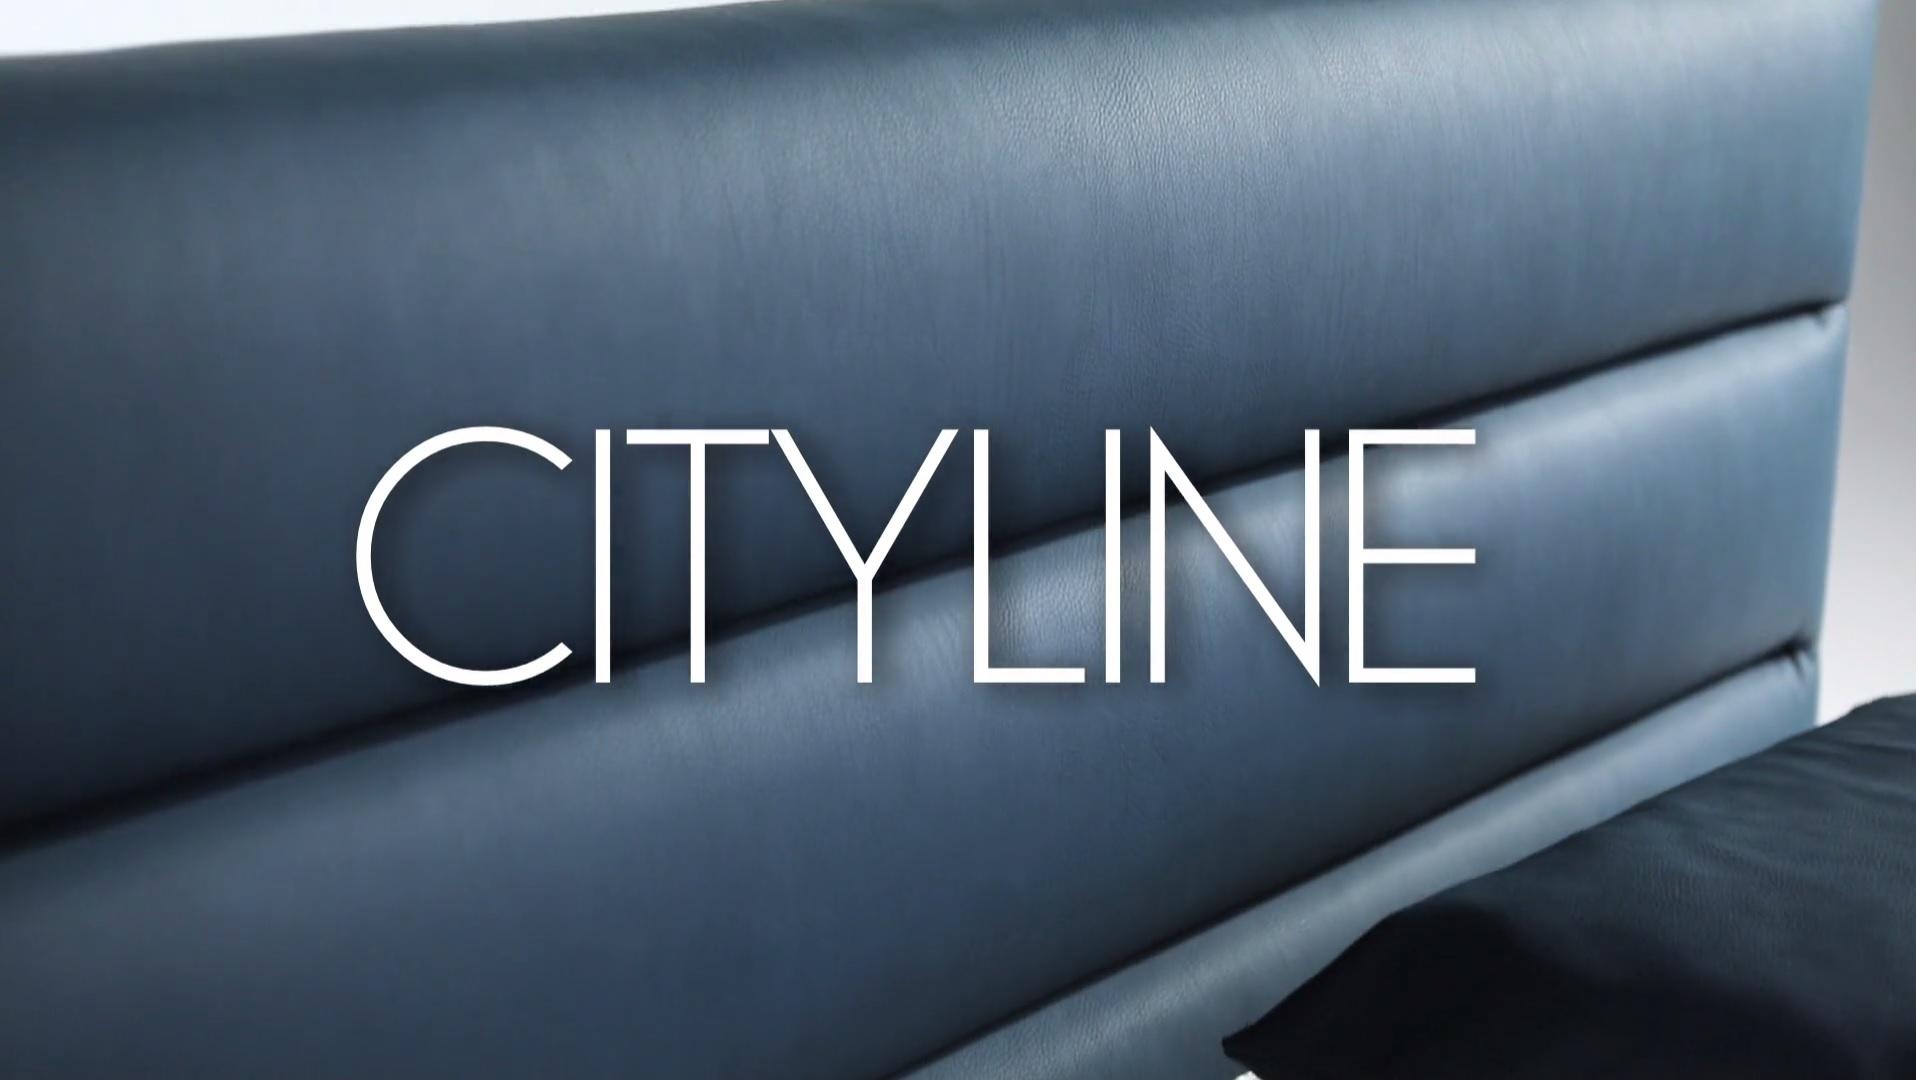 Lit à eau Basic Cityline by Waterbed France